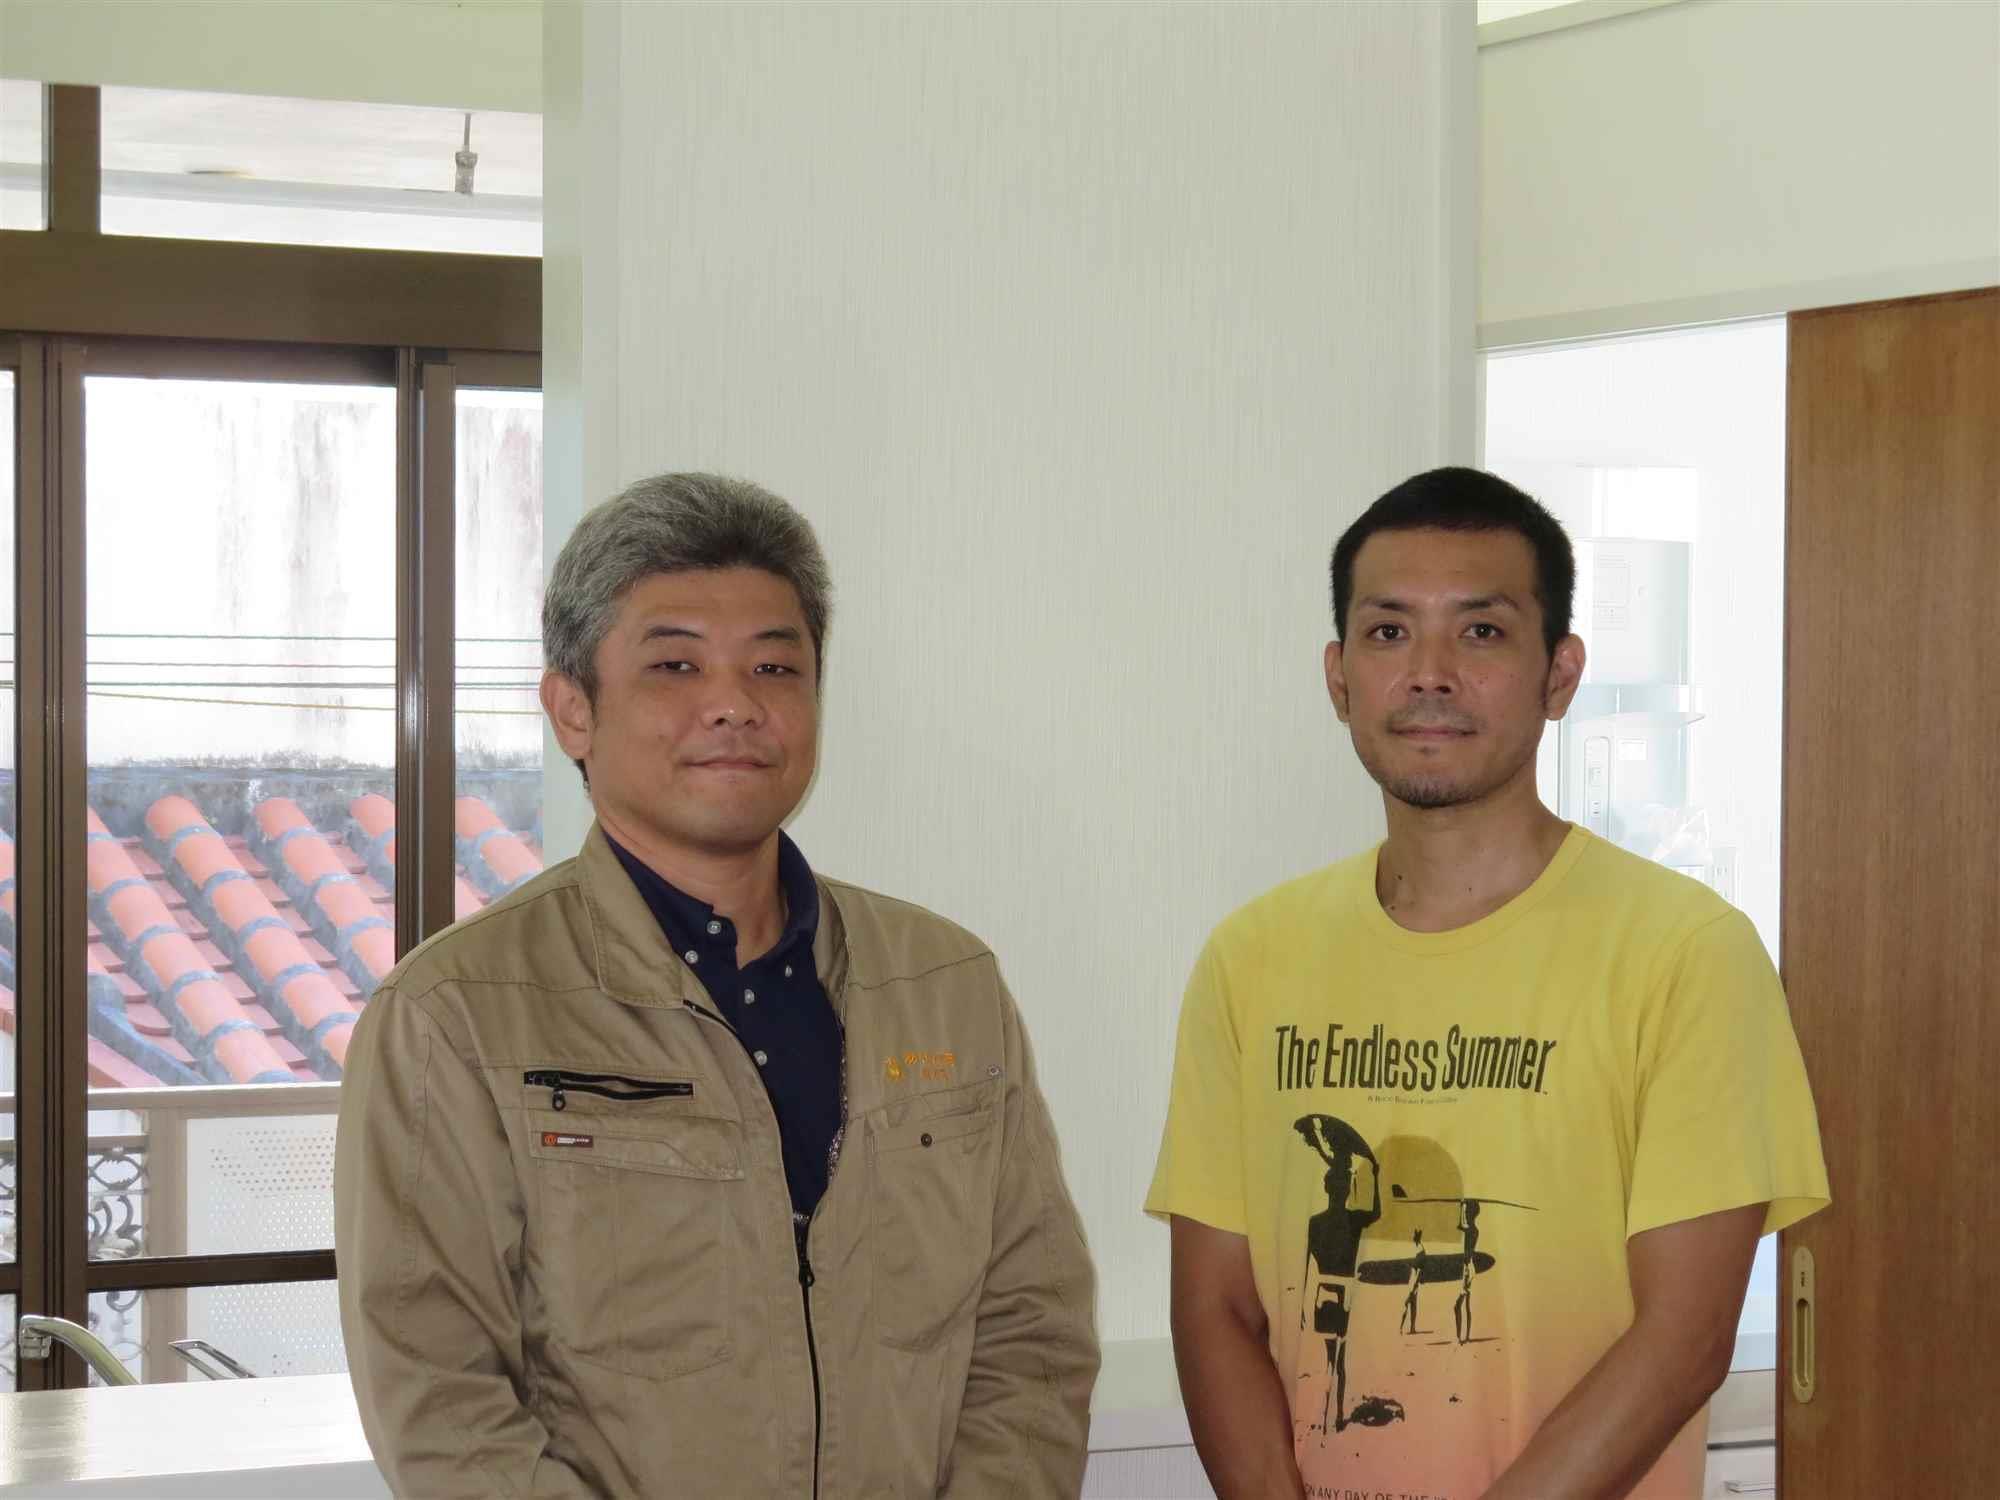 沖縄・那覇のリフォーム 実際のお客様の写真:想像した以上の完成度